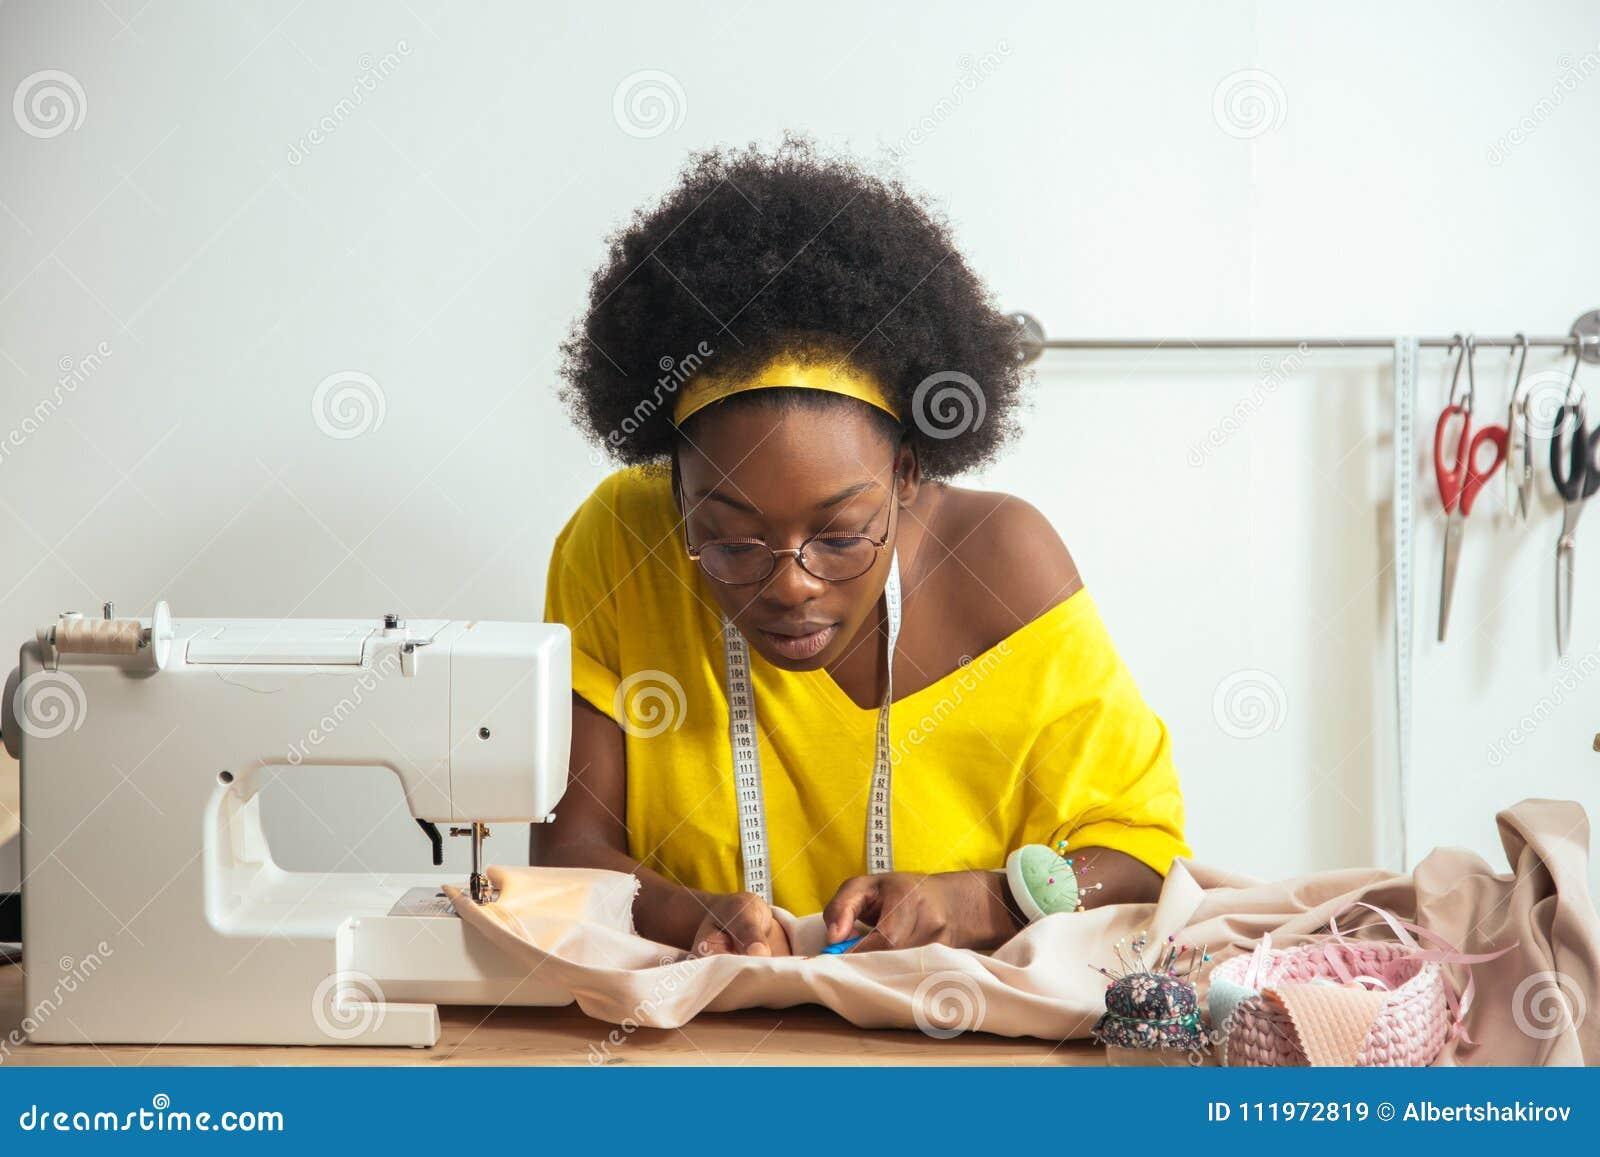 Ράβοντας ύφασμα με τη βελόνα seamstress στον εργασιακό χώρο